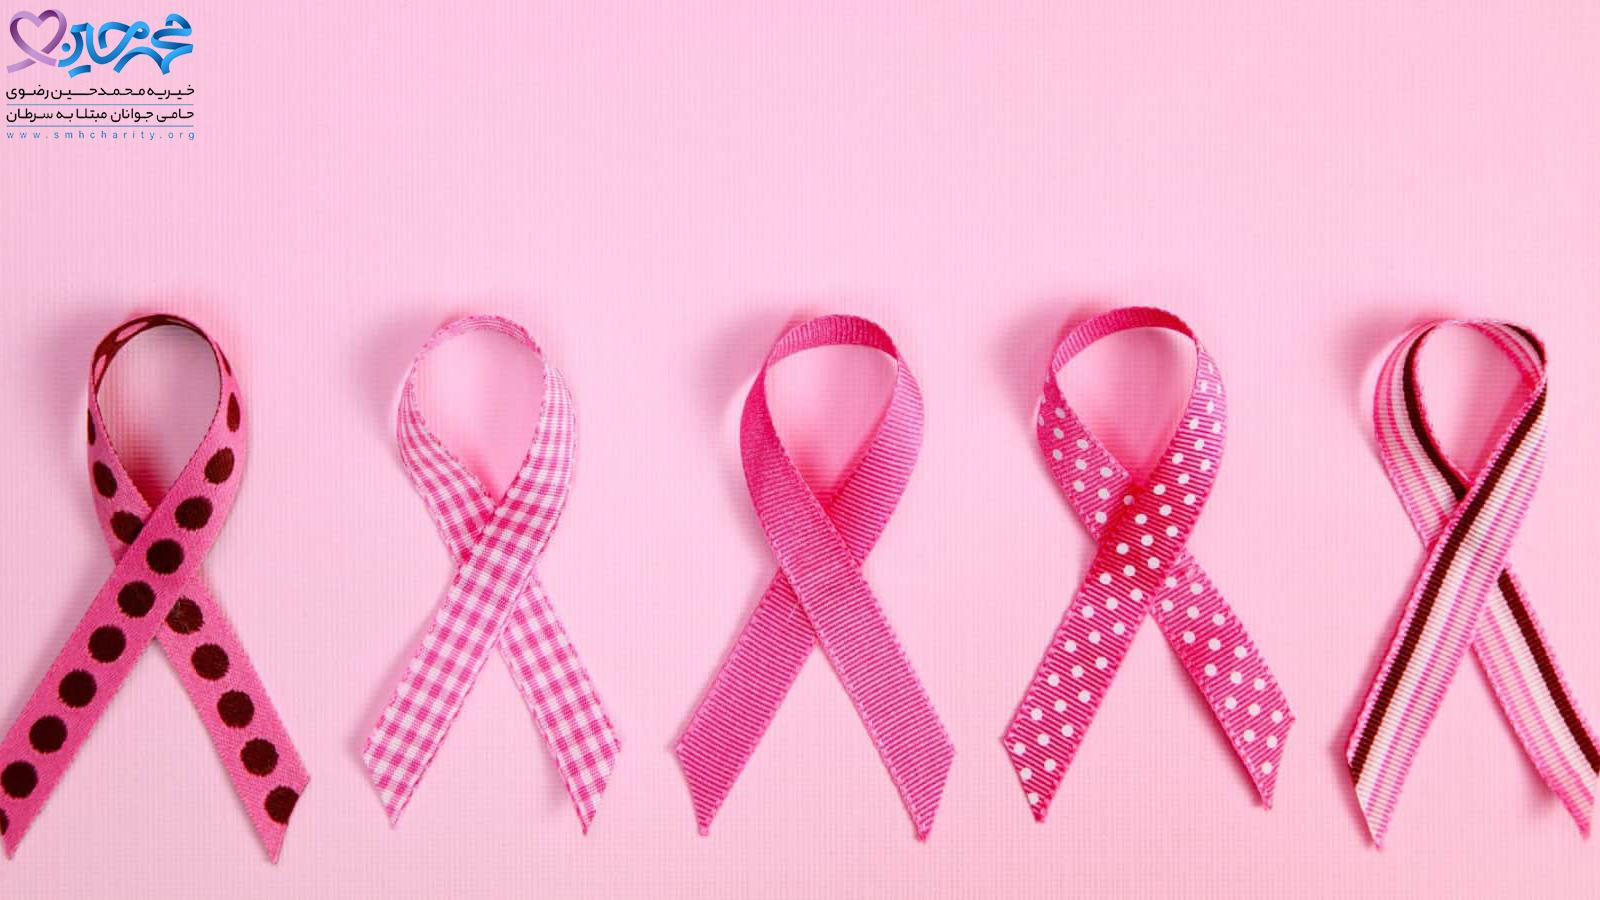 سرطان پستان | علائم آن | راه های درمان | راه های تشخیص سرطان پستان